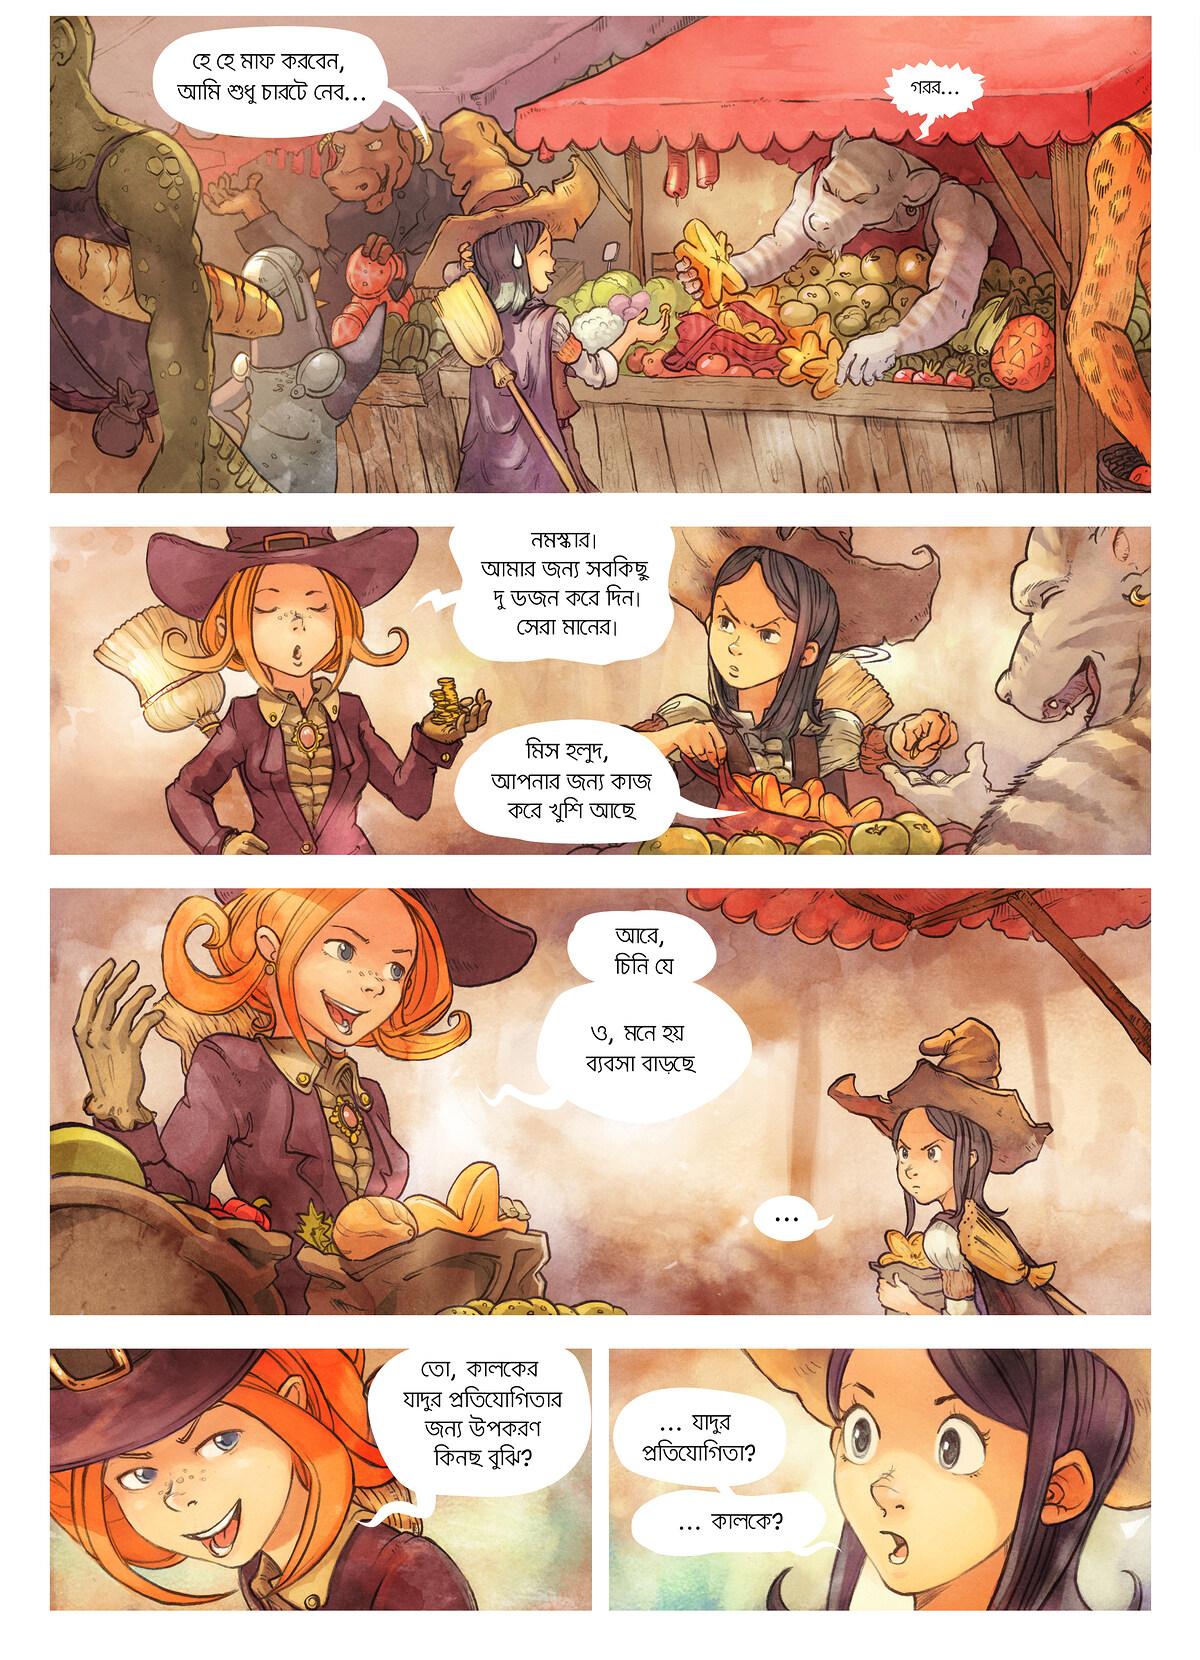 গল্প ৩: গোপন উপকরণ, Page 2